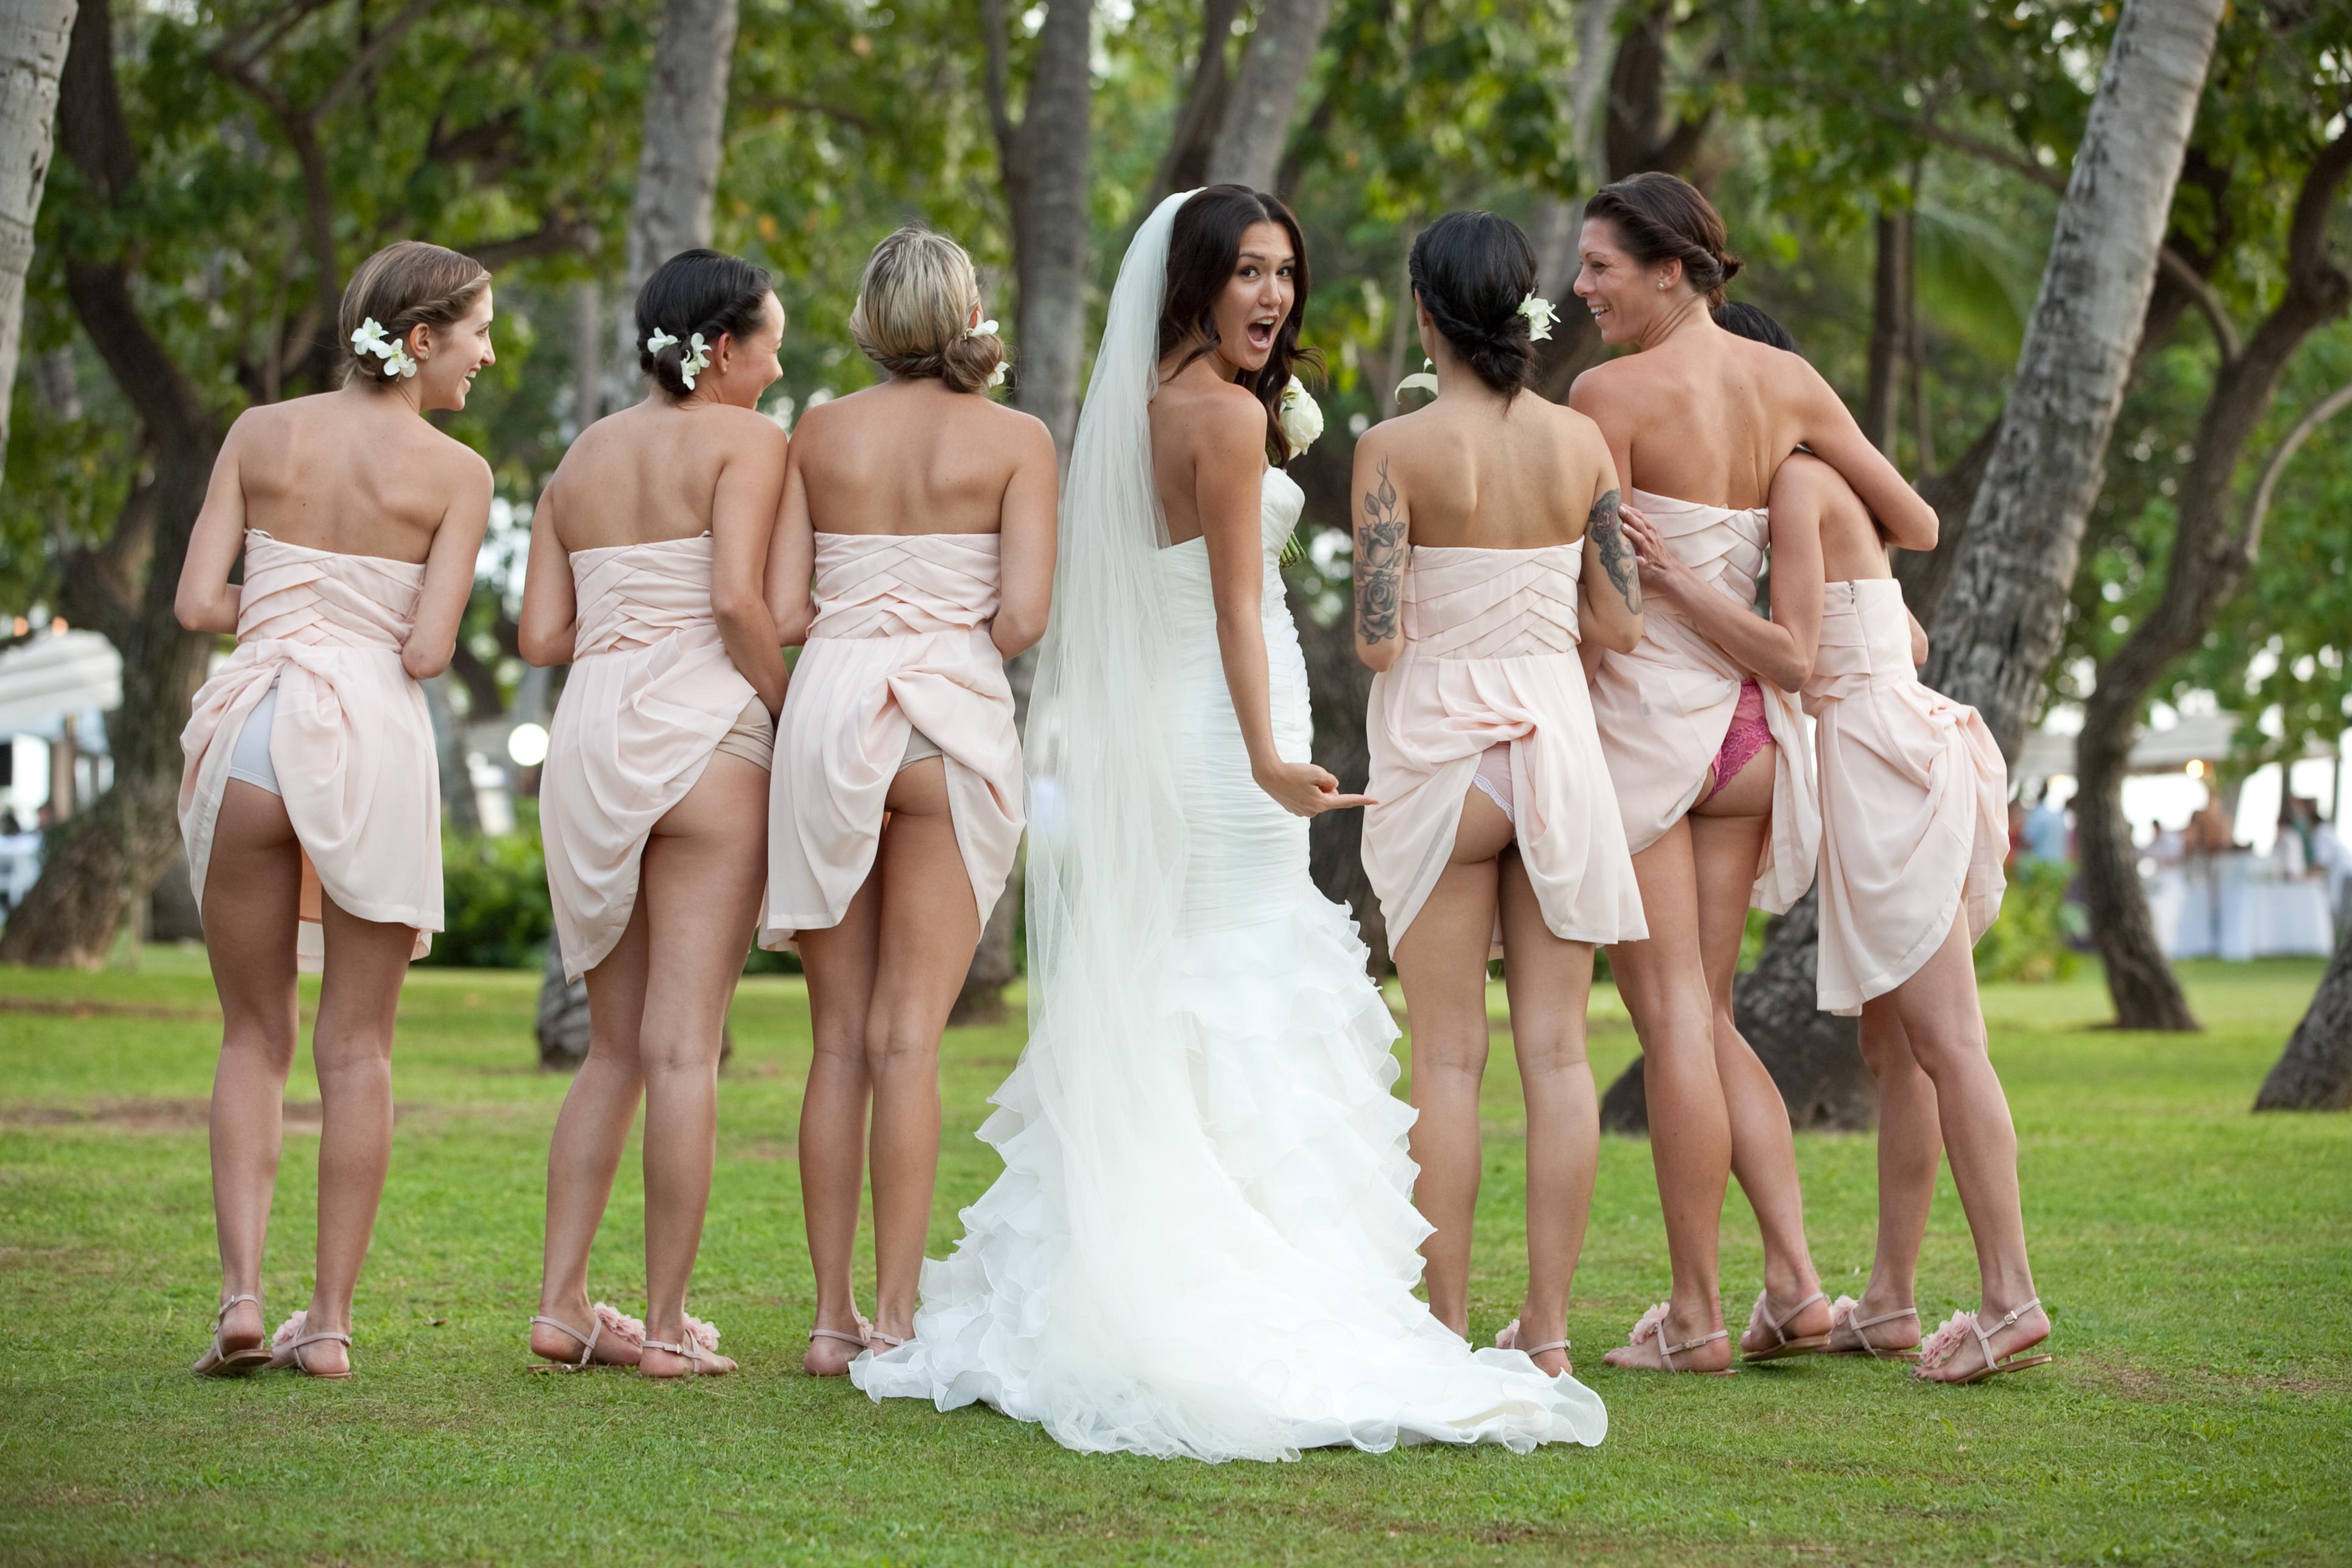 Подсмотрели на свадьбе видео